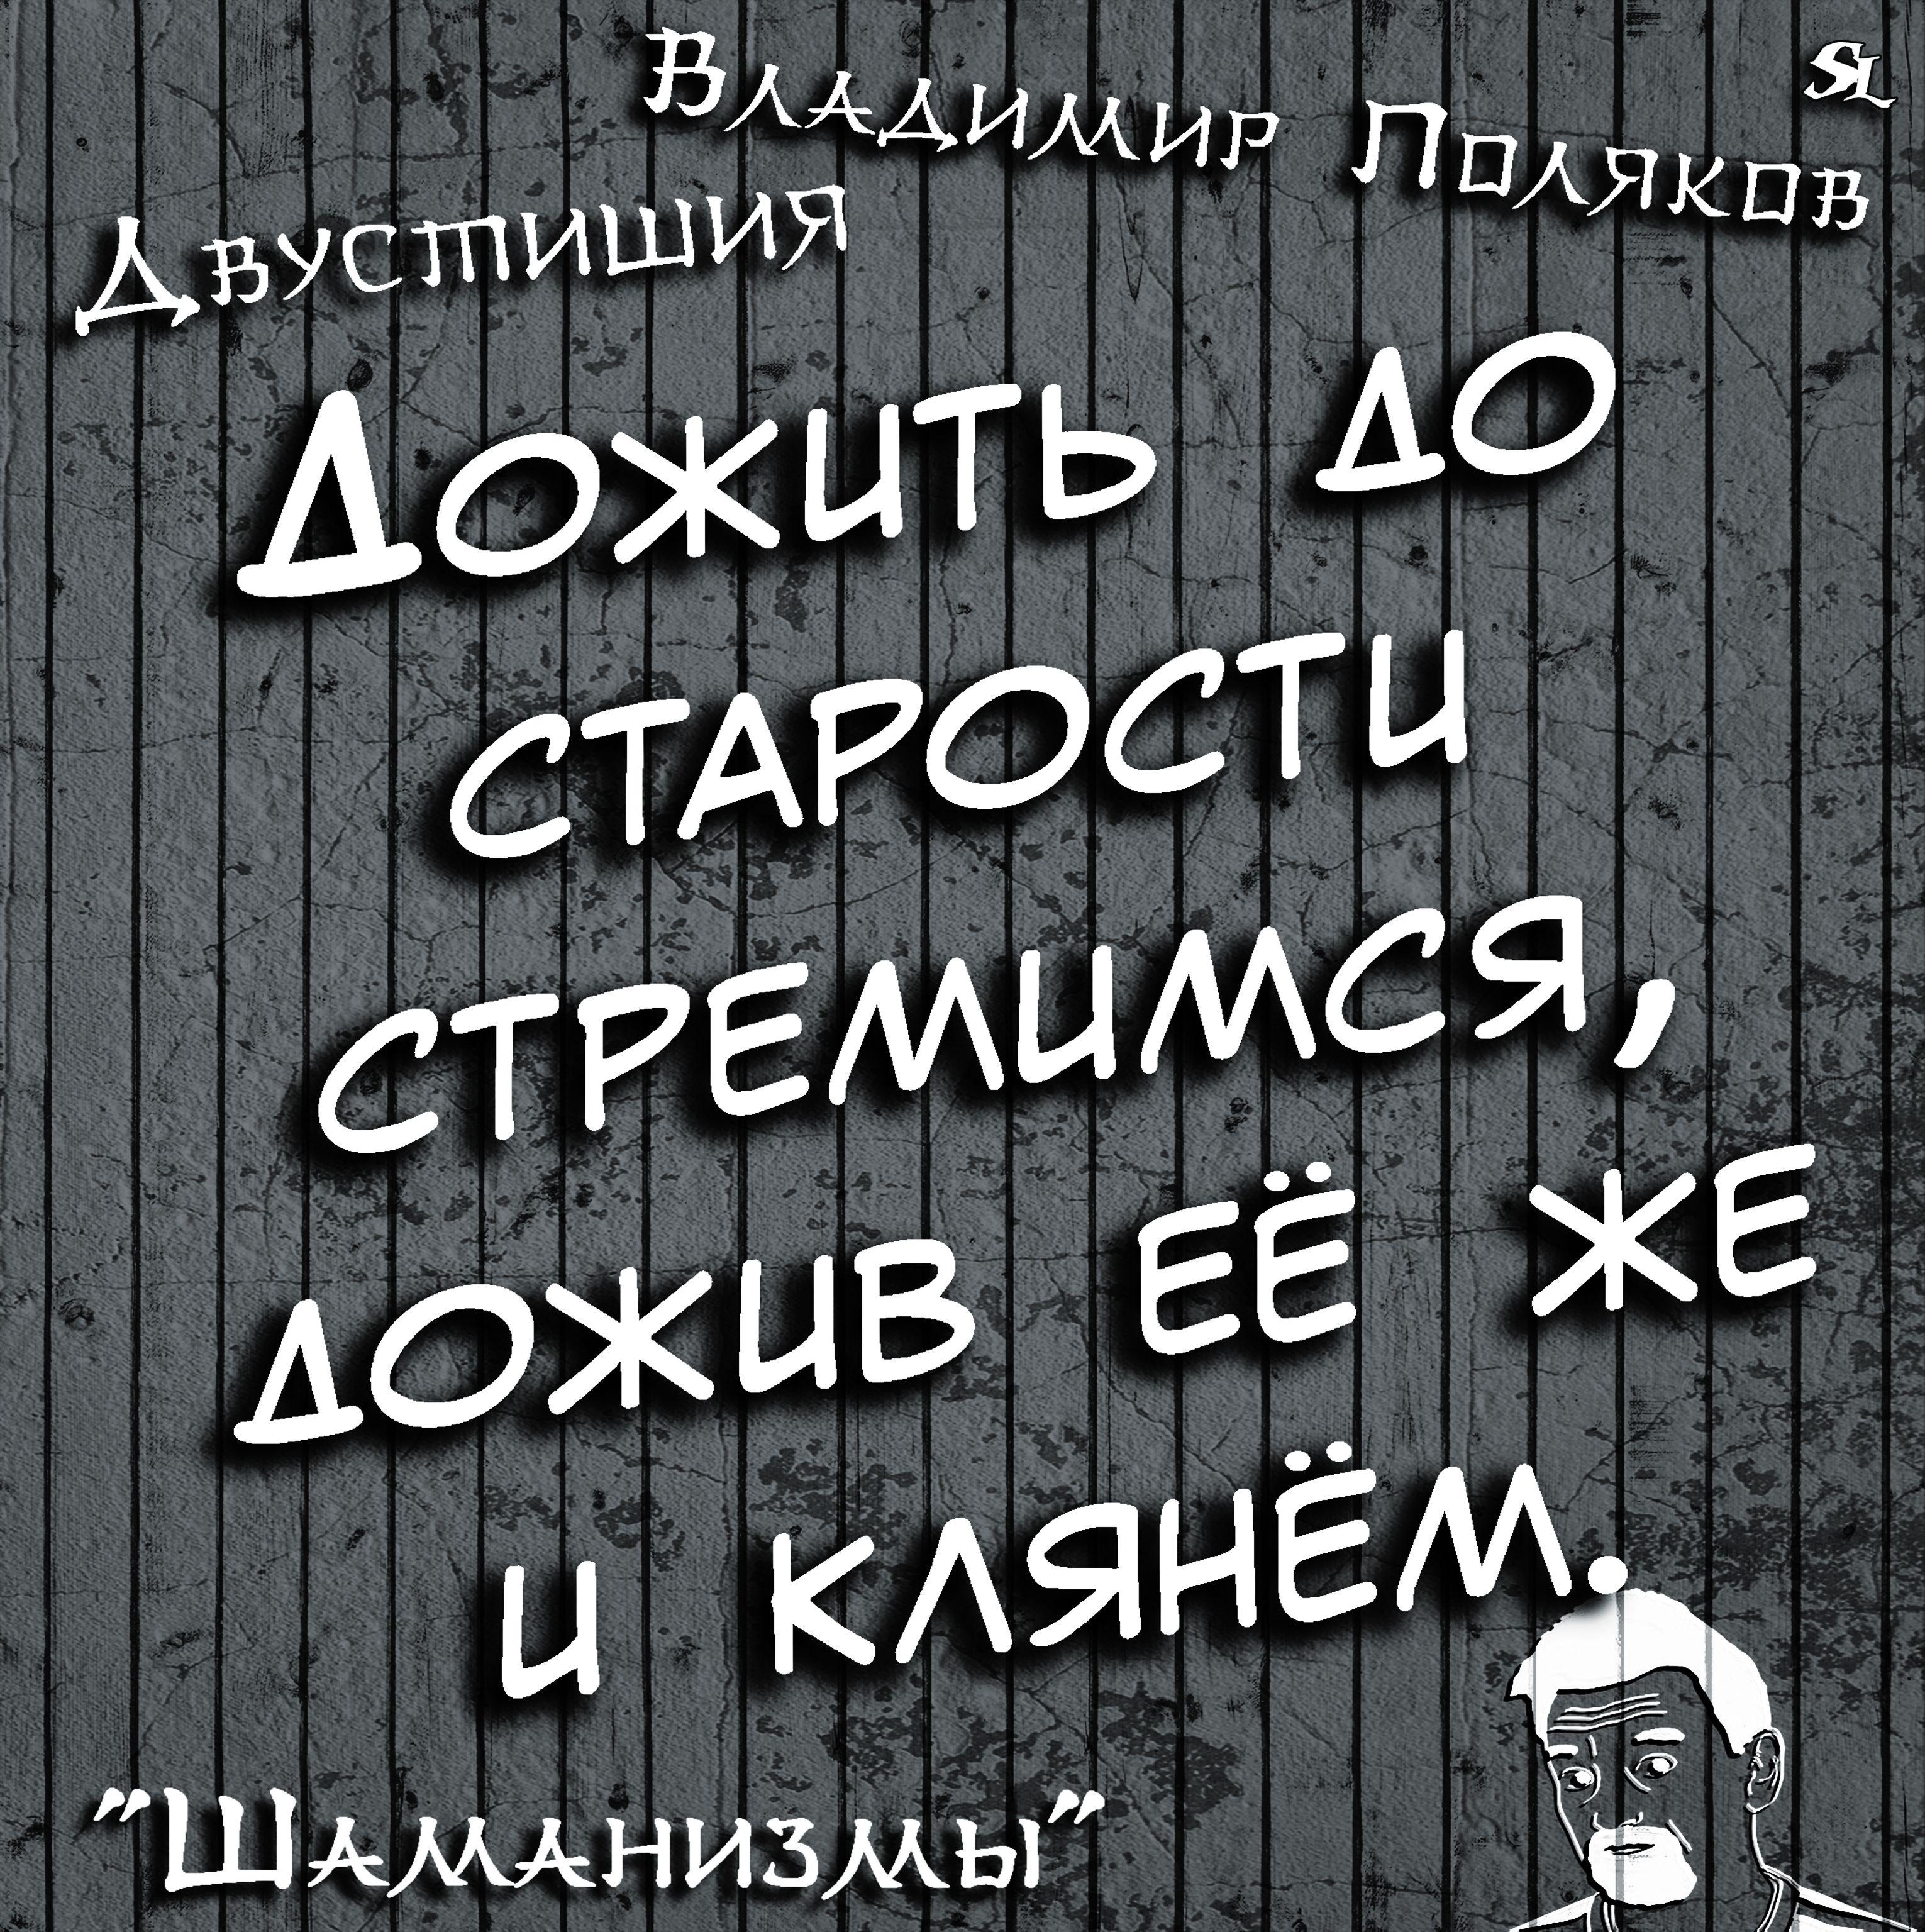 Dvostishie Shamanizmy Shutki Prikol Yumor Jokes Funny Humor Memes Shaman Ledentsov Sl Shaman Phrase Of The Day Quotations Funny Jokes